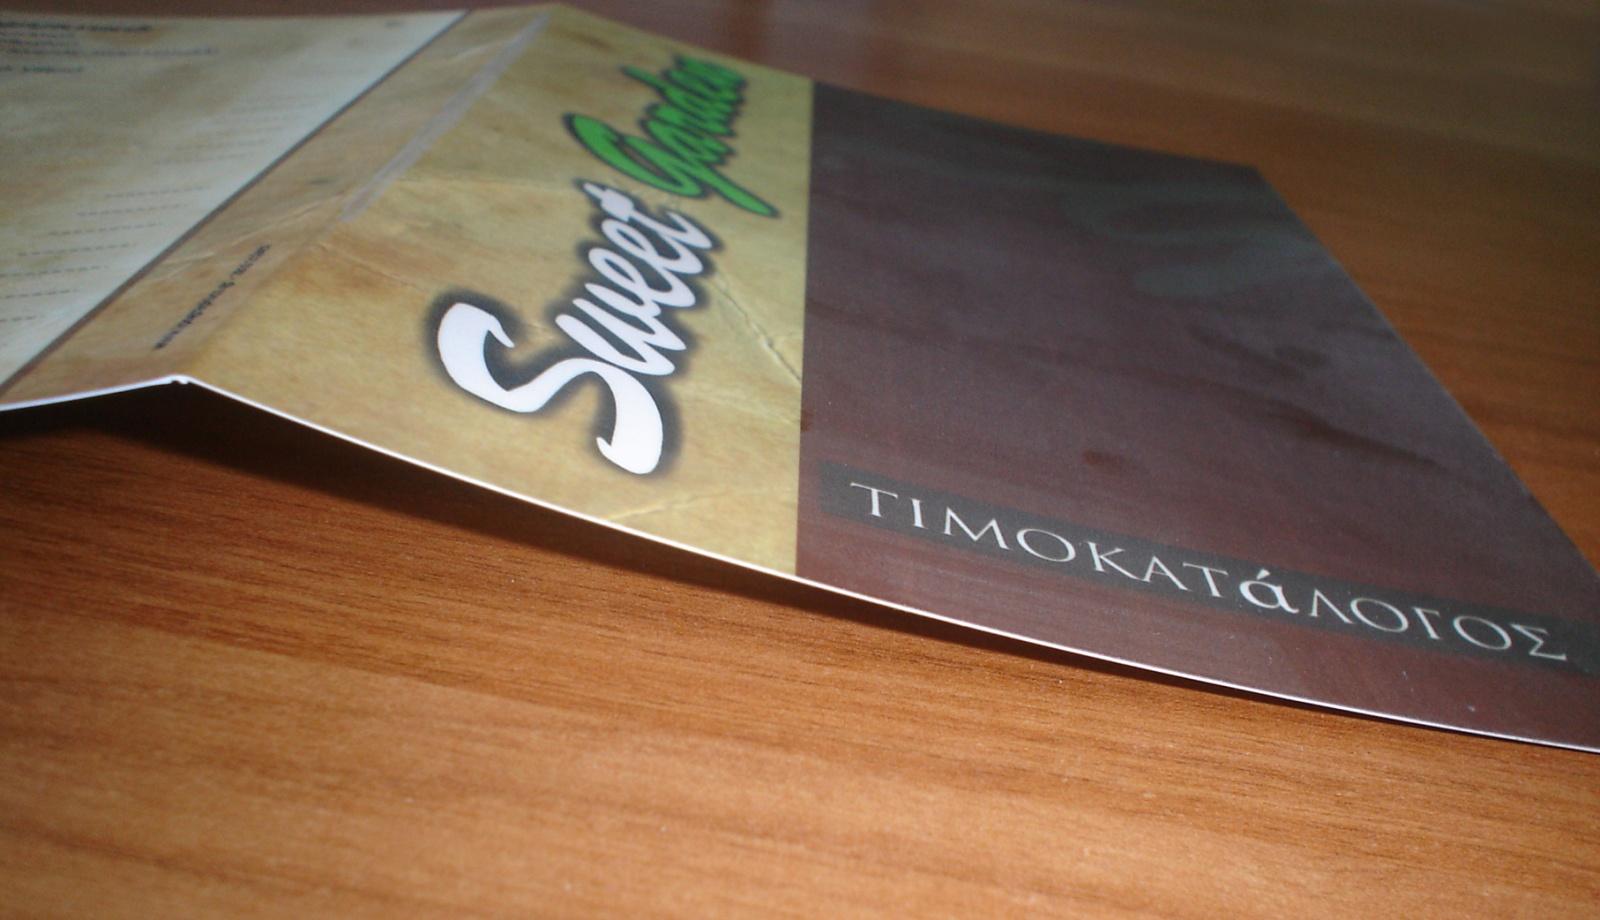 katalogos71